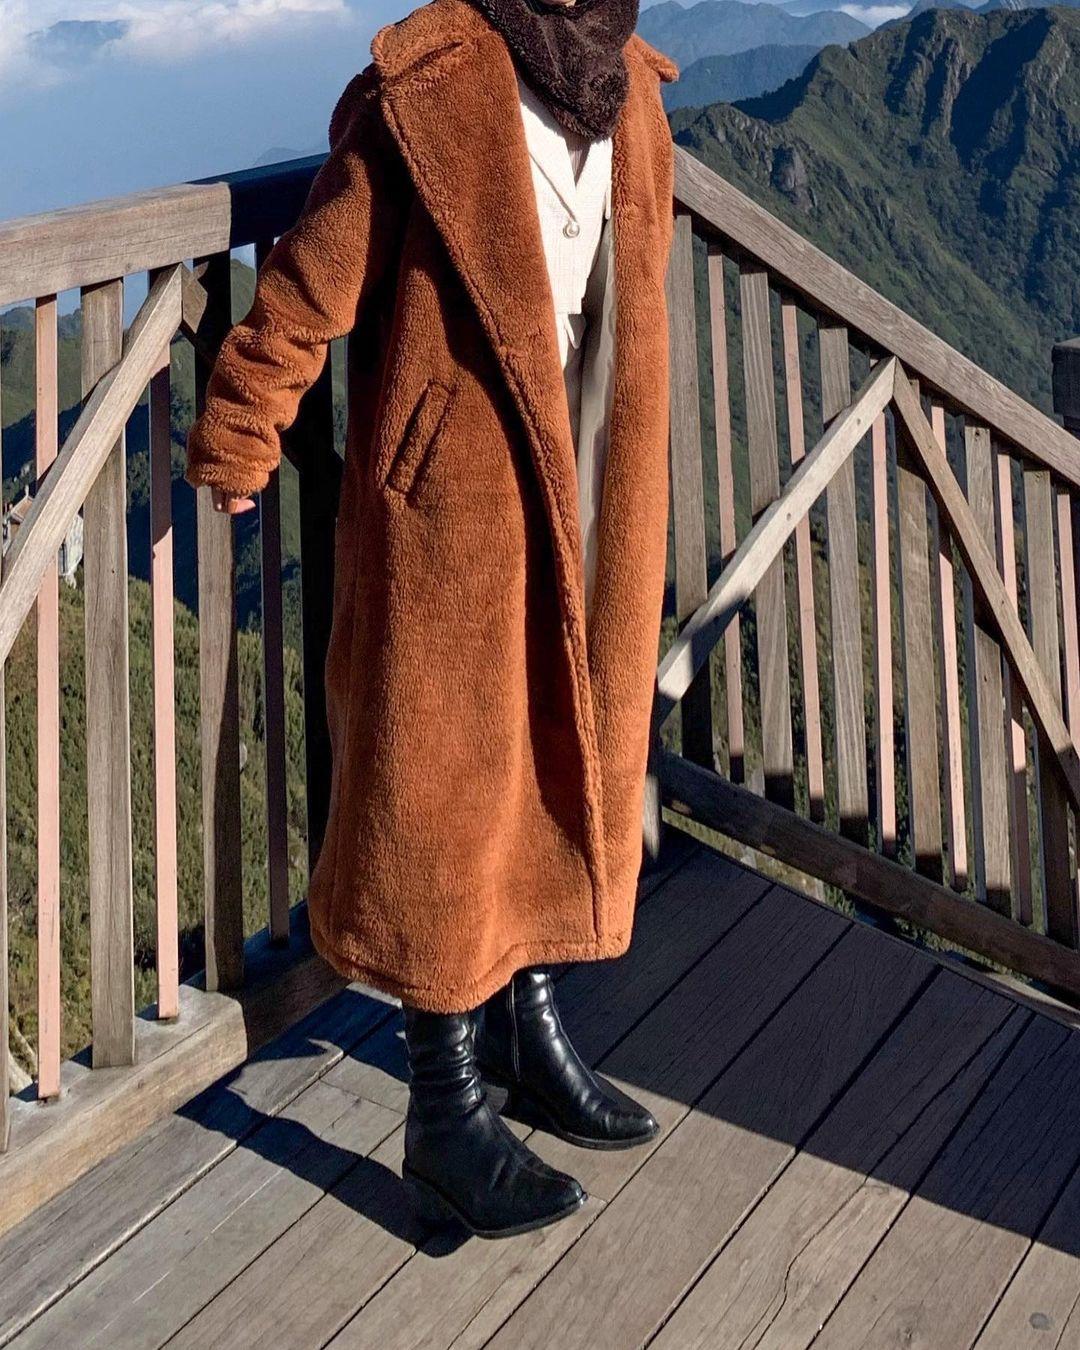 6 áo khoác xinh xẻo ít đụng hàng tại các shop hot, có cả set áo kèm túi xinh ngỡ ngàng - Ảnh 4.